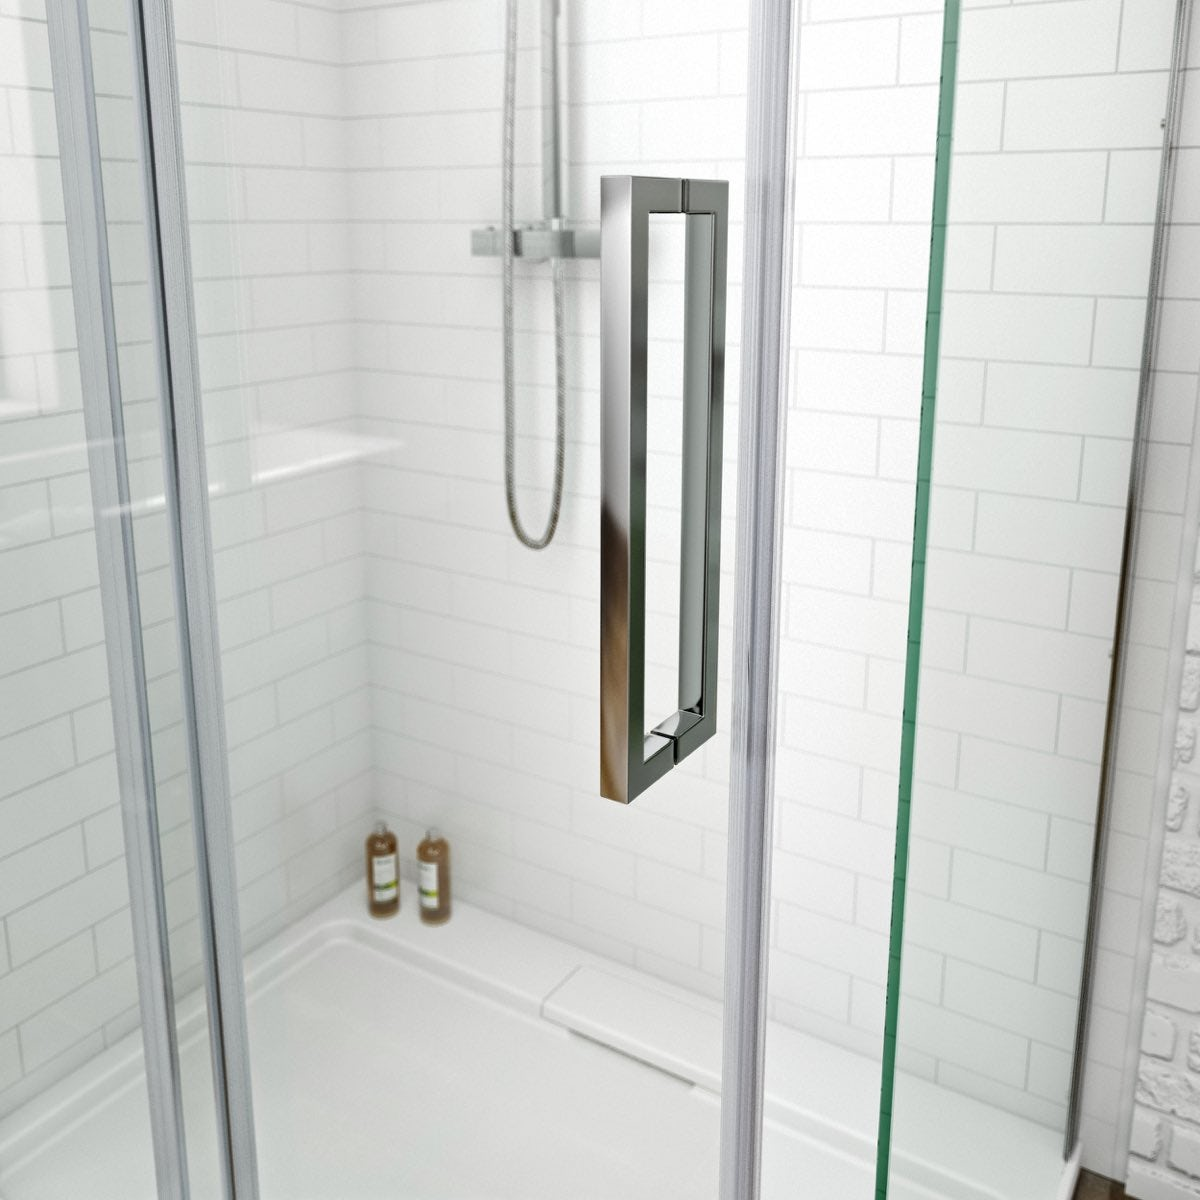 8mm frameless sliding shower enclosure 1200 x 800 for 1200 shower door 8mm glass